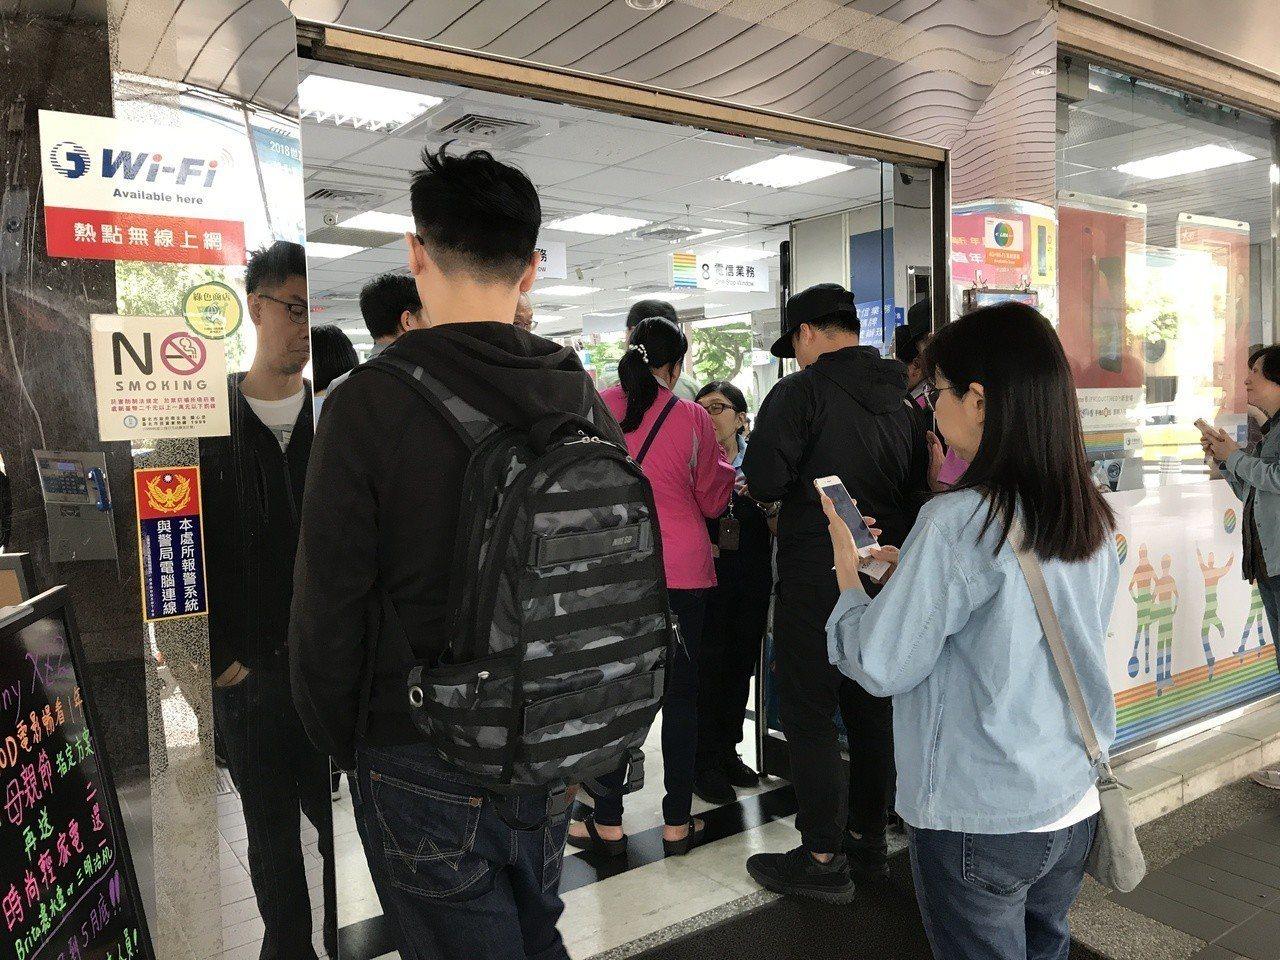 中華電信推出499元吃到飽限時方案,門市湧現排隊人潮。記者陳立儀/攝影